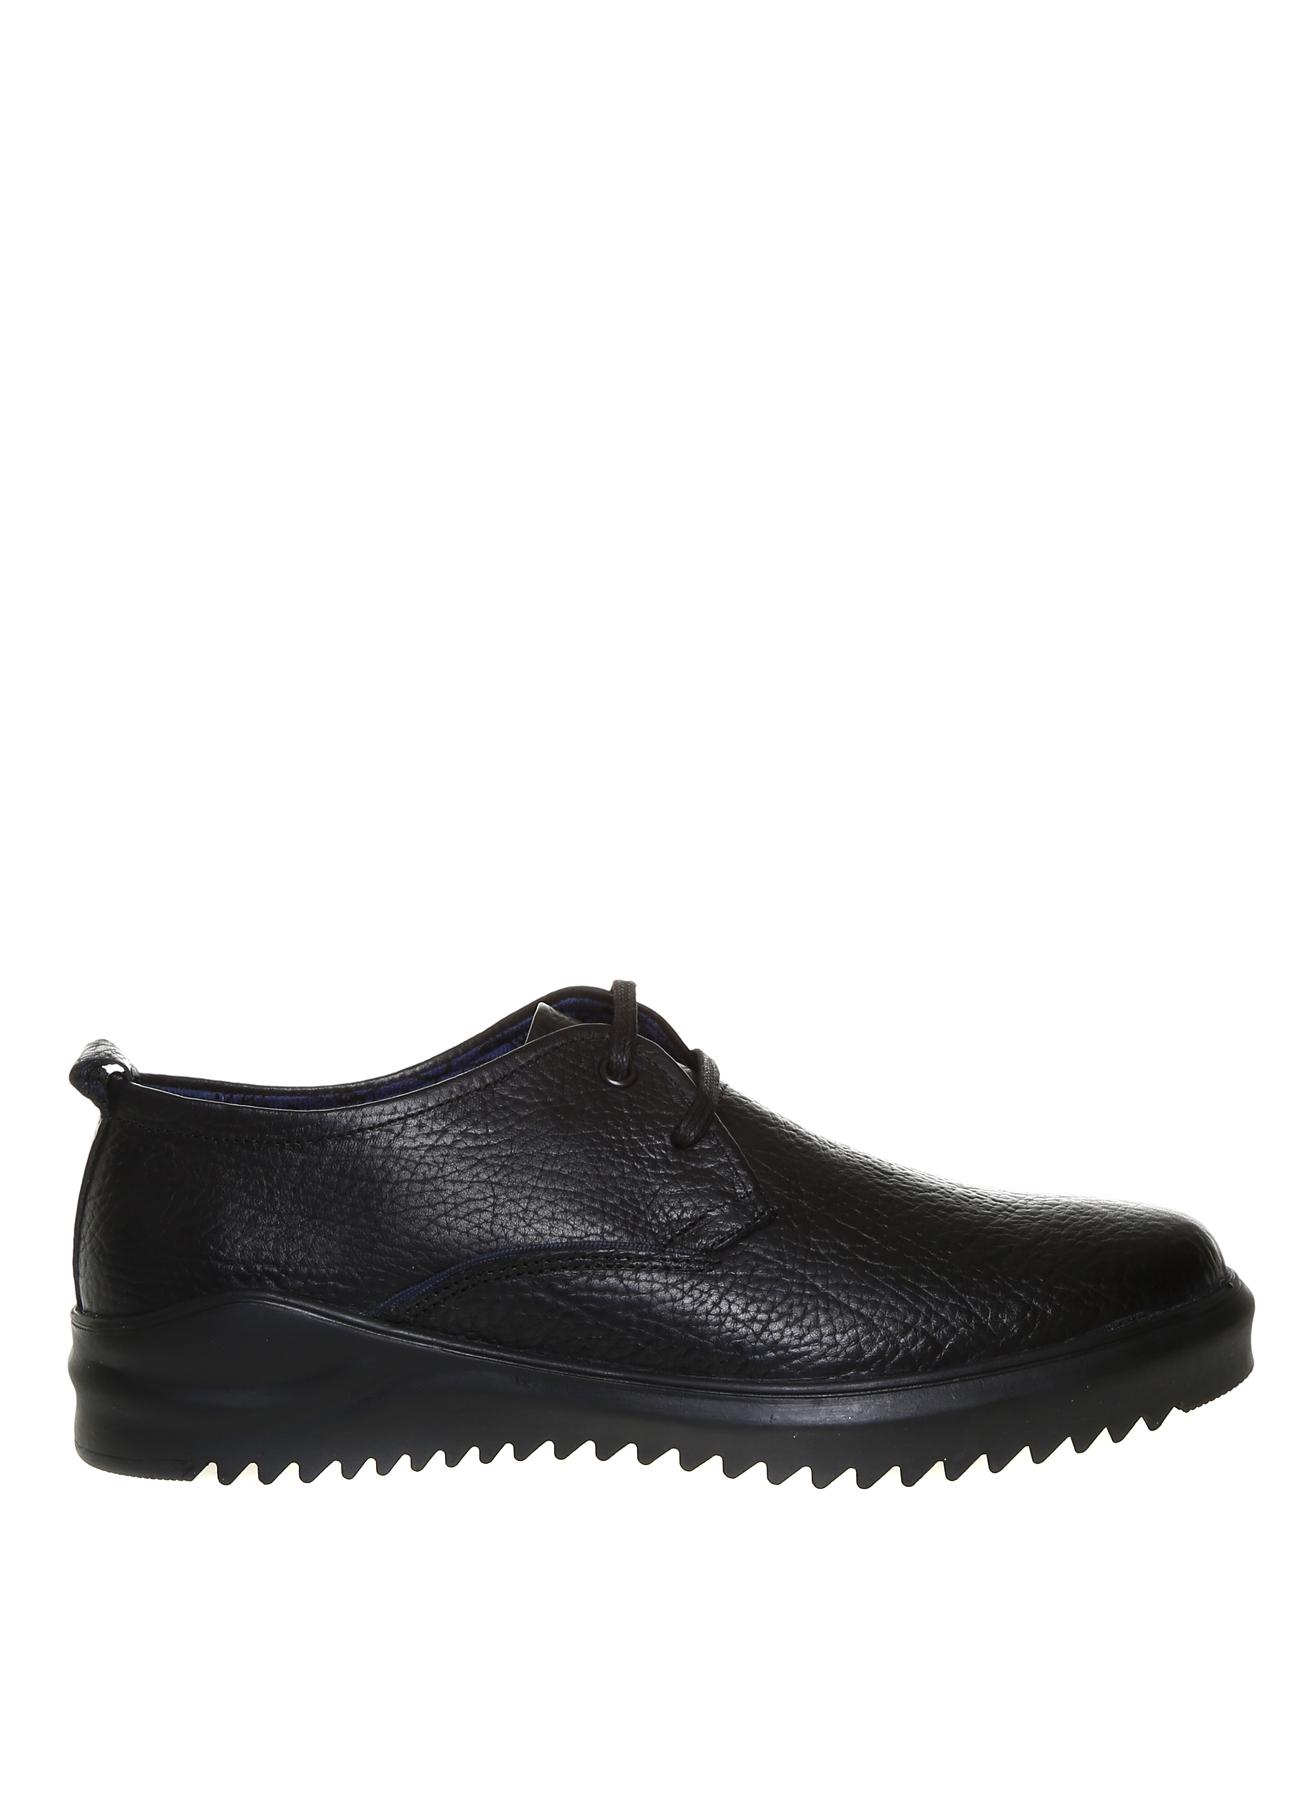 Limon Erkek Deri Siyah Klasik Ayakkabı 43 5001916482004 Ürün Resmi